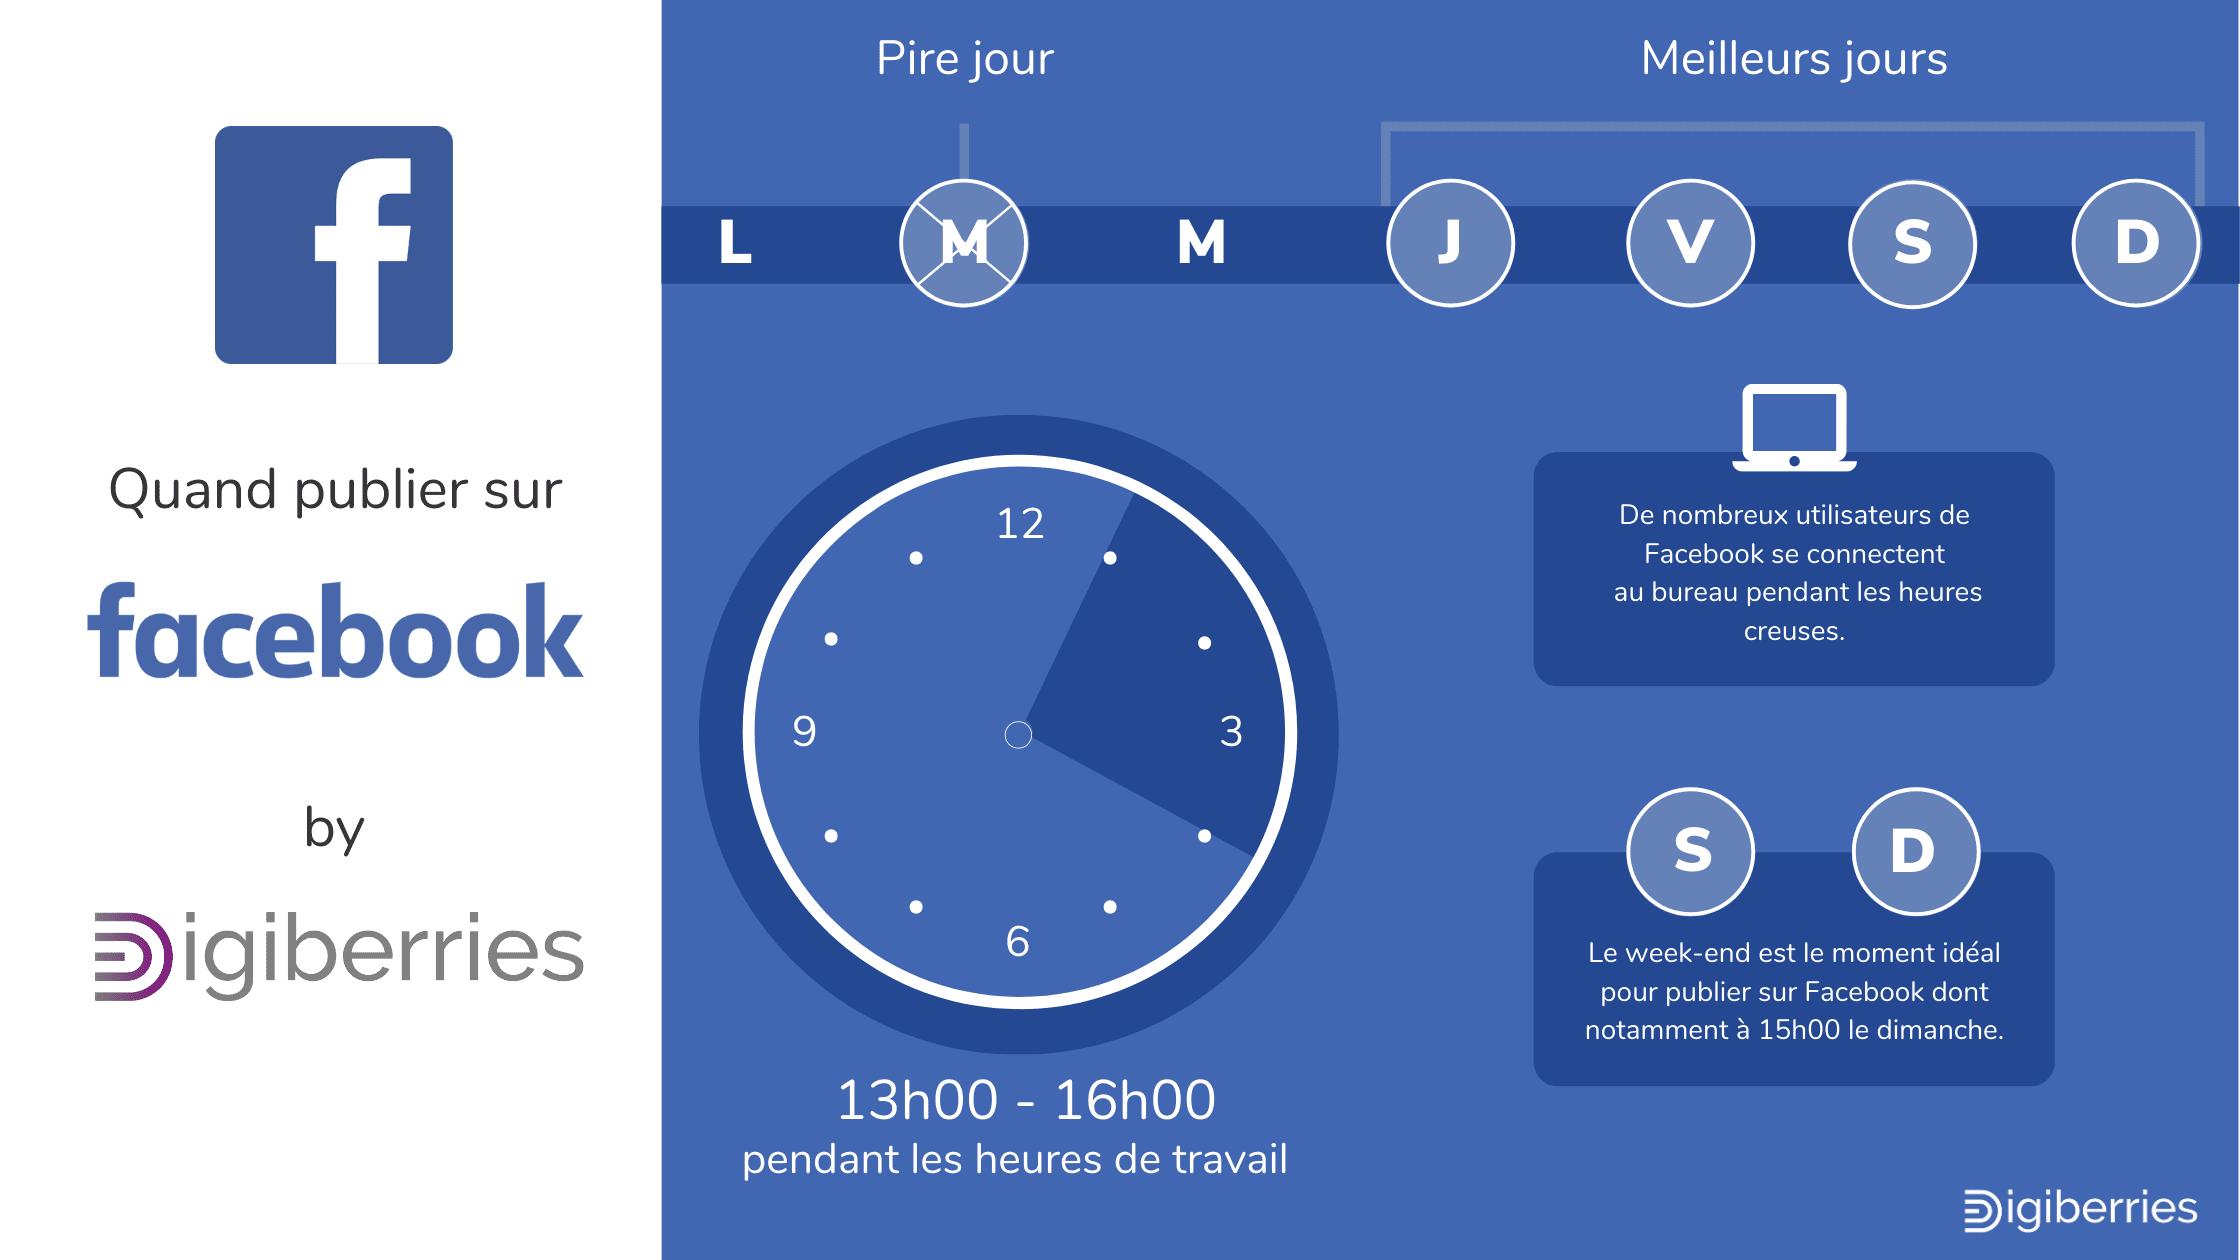 Image pour comprendre les fuseaux horaires pous poster sur Facebook